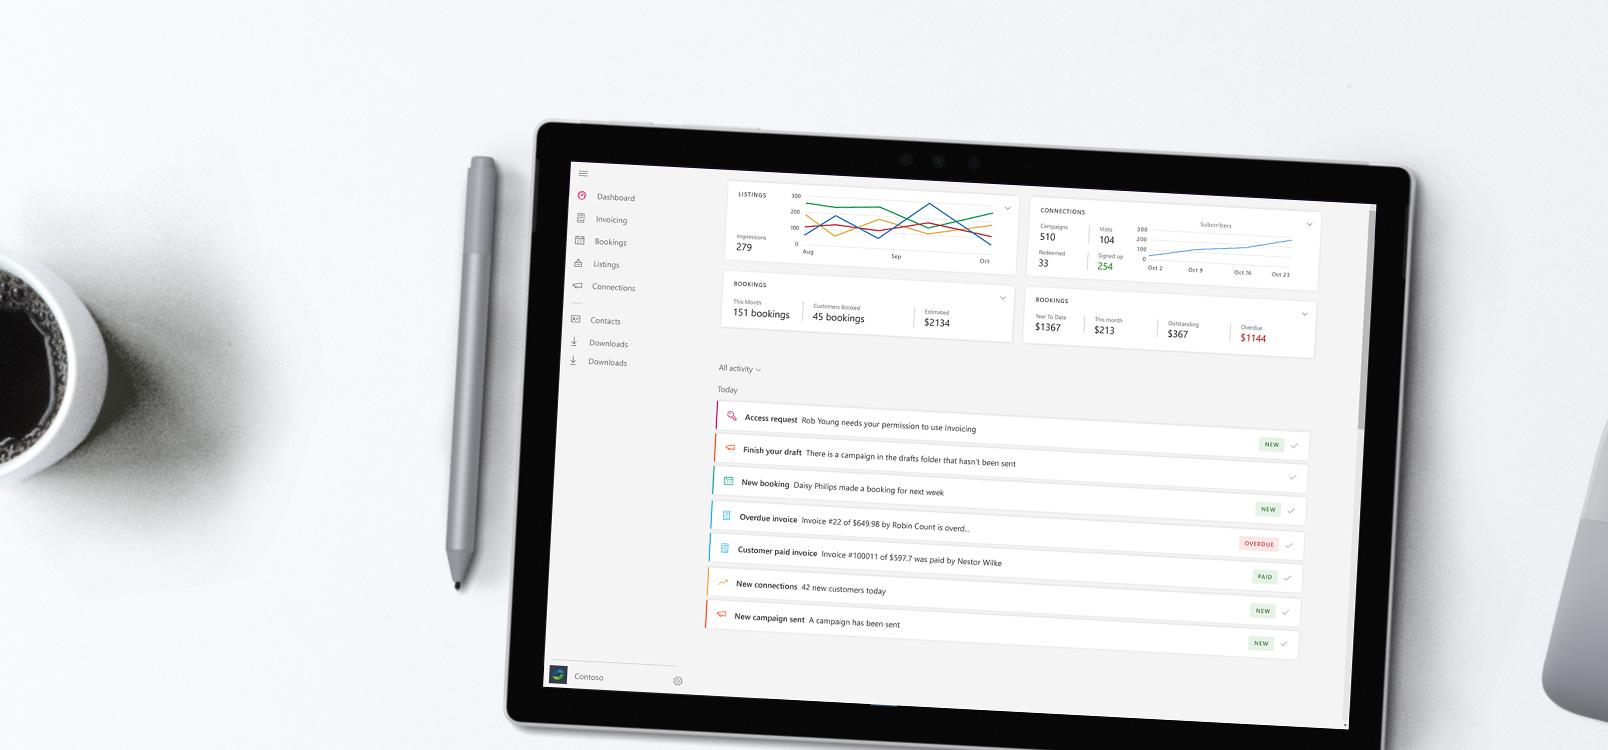 ノート PC に Office 365 ビジネス センターが表示されています